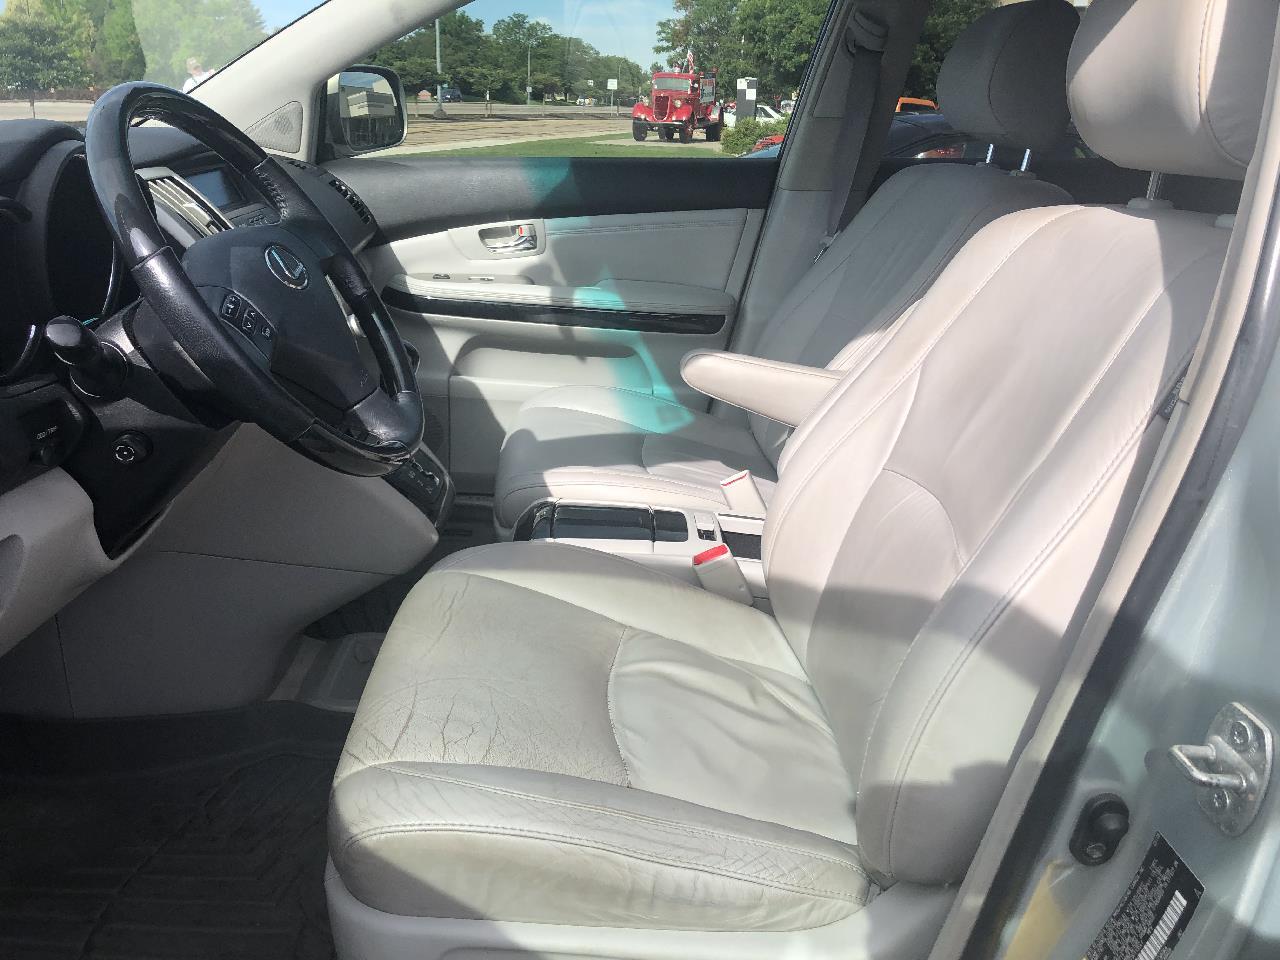 2009 Lexus RX350 (CC-1234182) for sale in Greeley, Colorado